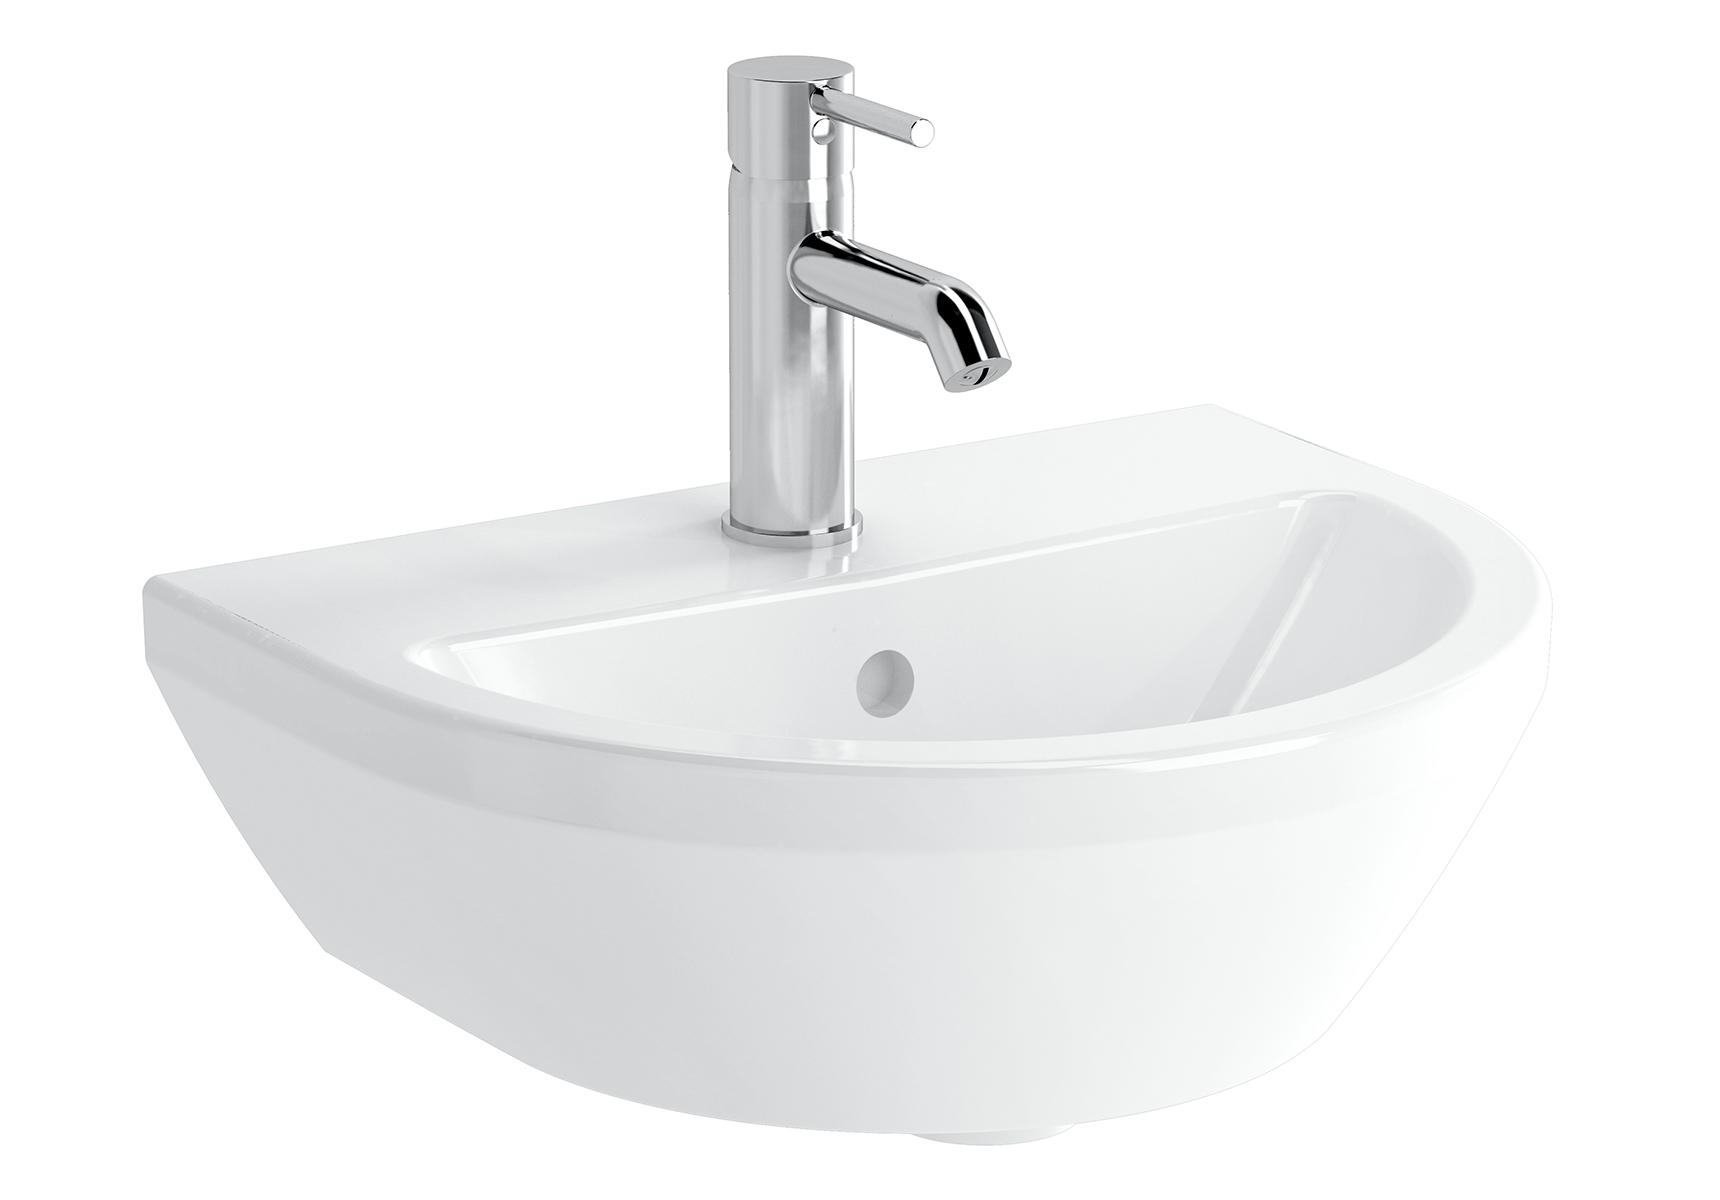 Integra lavabo rond, 45 cm, avec trou de robinet, avec trop-plein